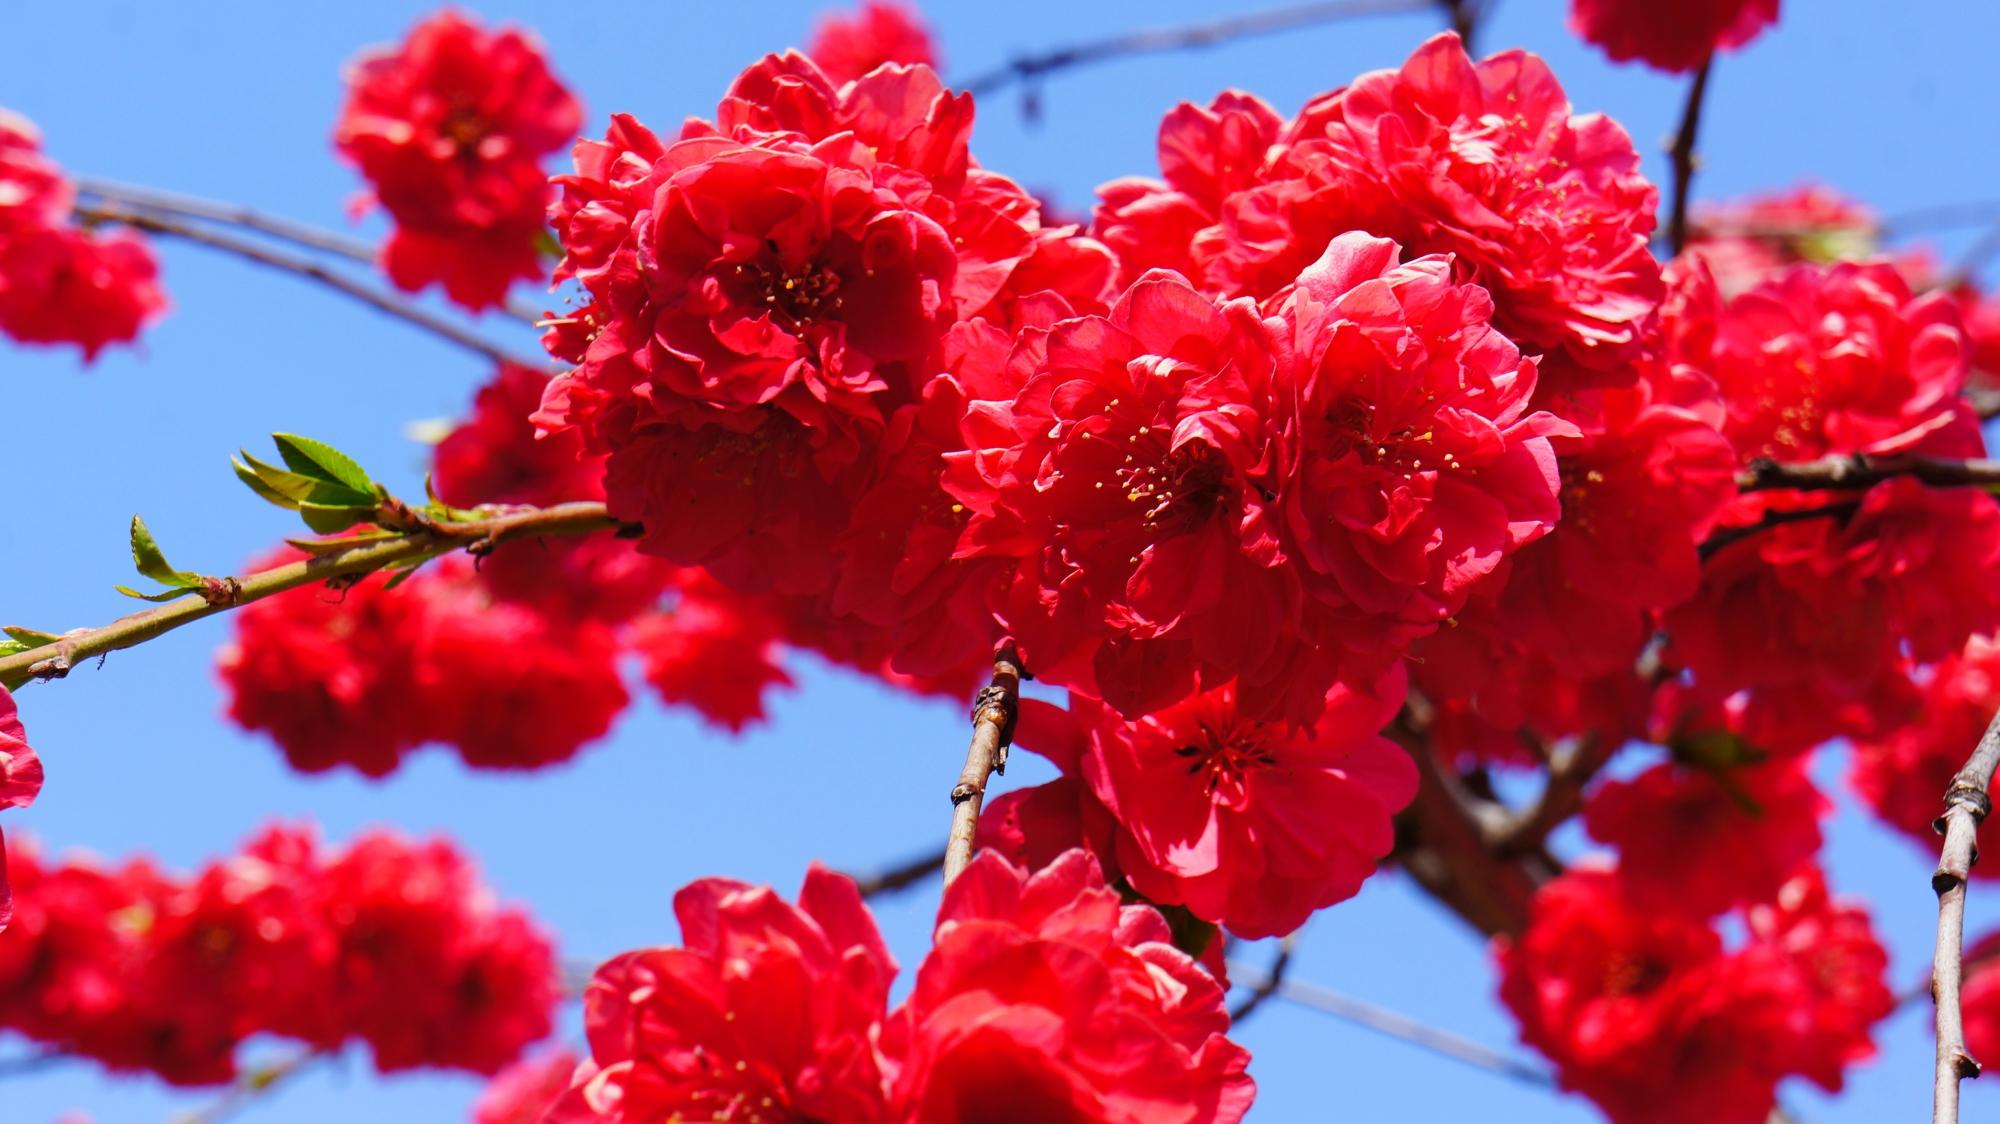 首途八幡宮の満開の桃の花